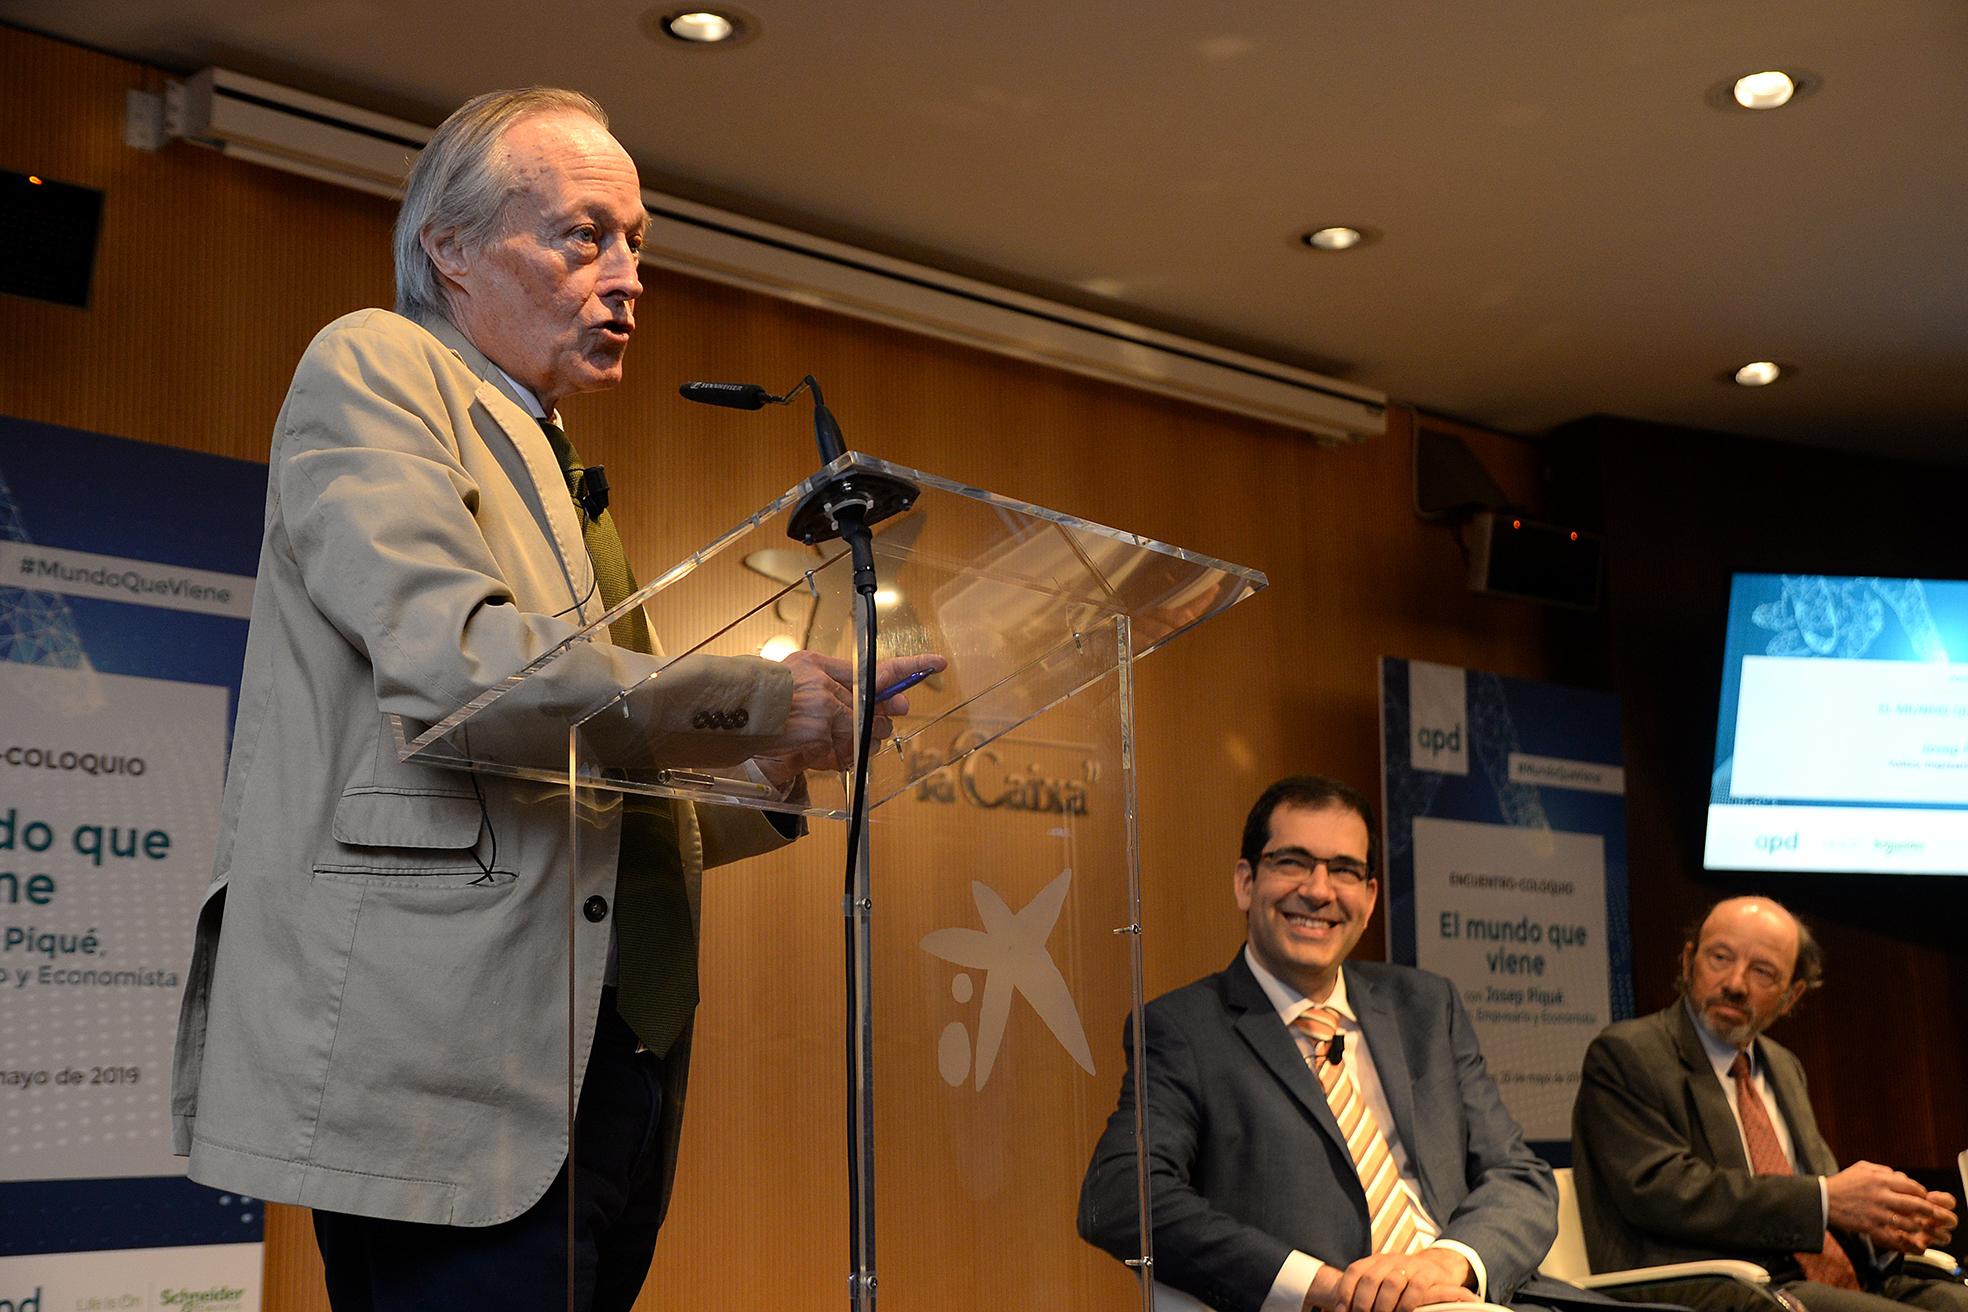 Josep Pique: Quien domine la tecnología va a dominar el mundo